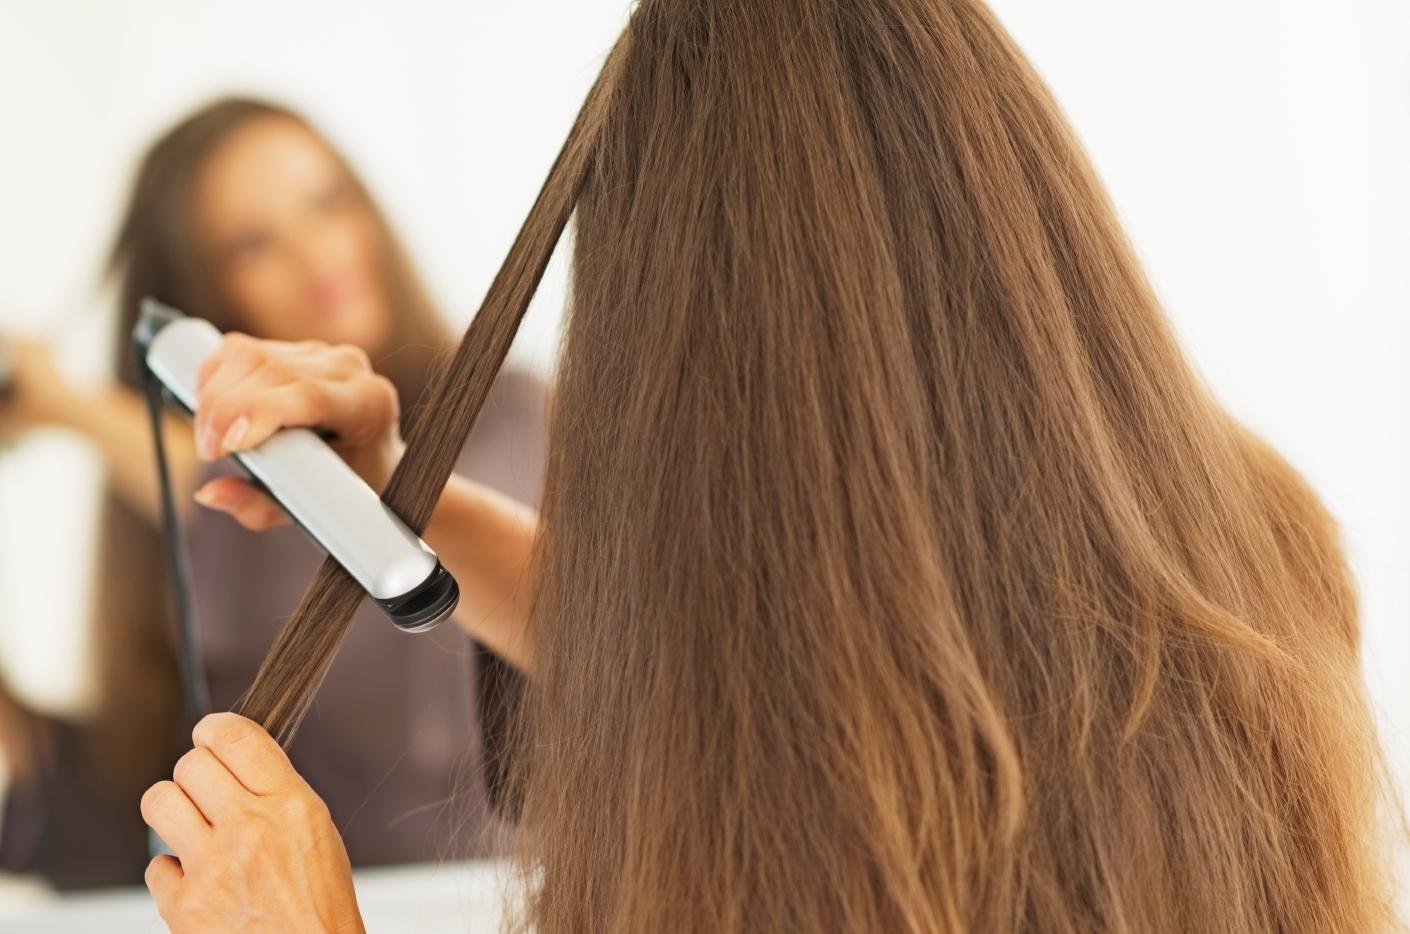 Chăm sóc tóc hư tổn: Bí quyết tạo nên mái tóc suôn mượt như trong mơ - Ảnh 5